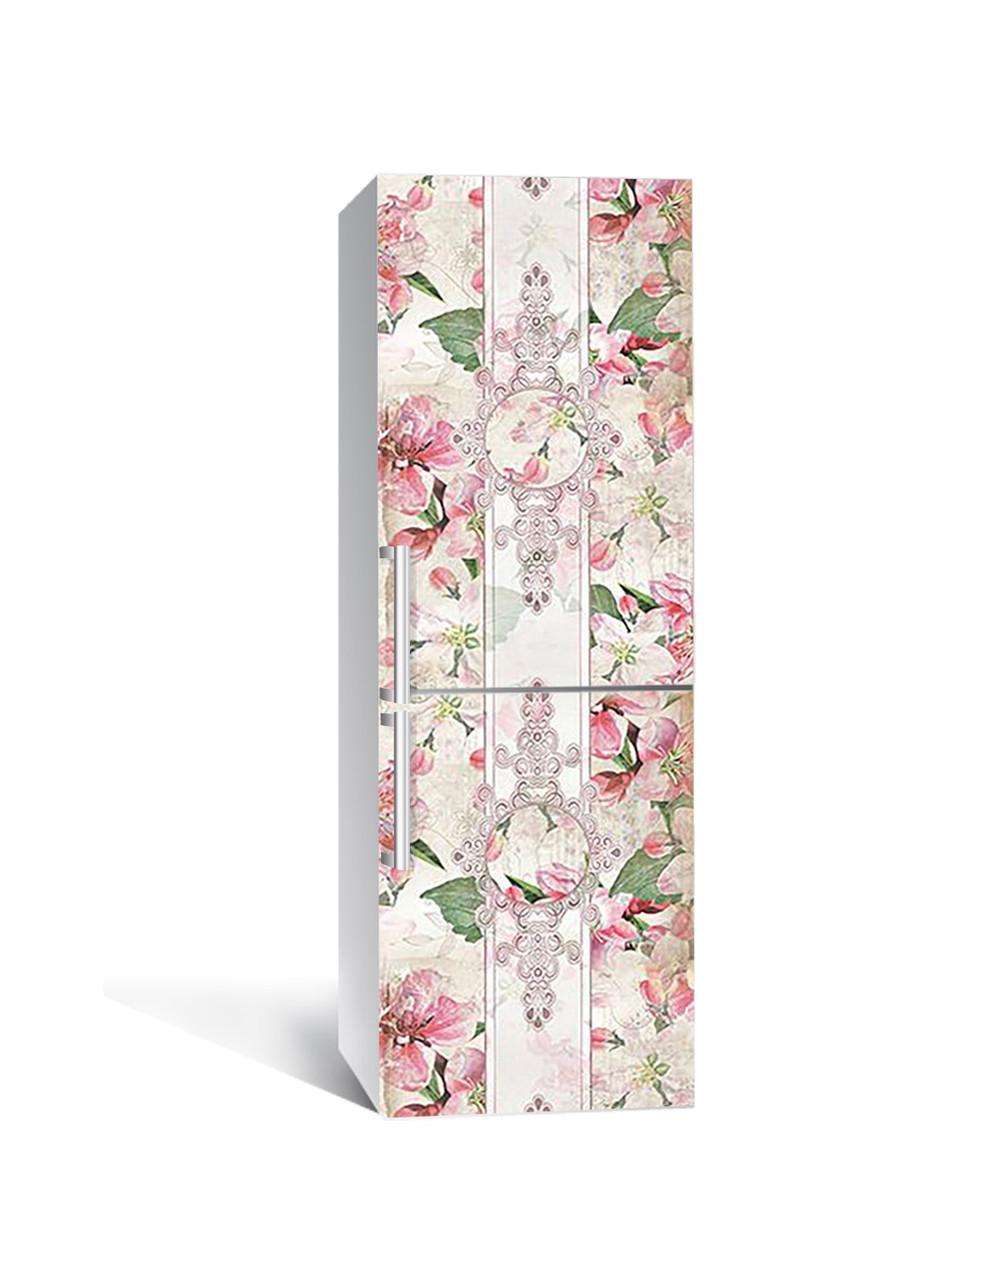 Виниловая 3Д наклейка на холодильник ЦветыВинтажный орнамент (самоклеющаяся пленка ПВХ) узоры Розовый 650*2000 мм